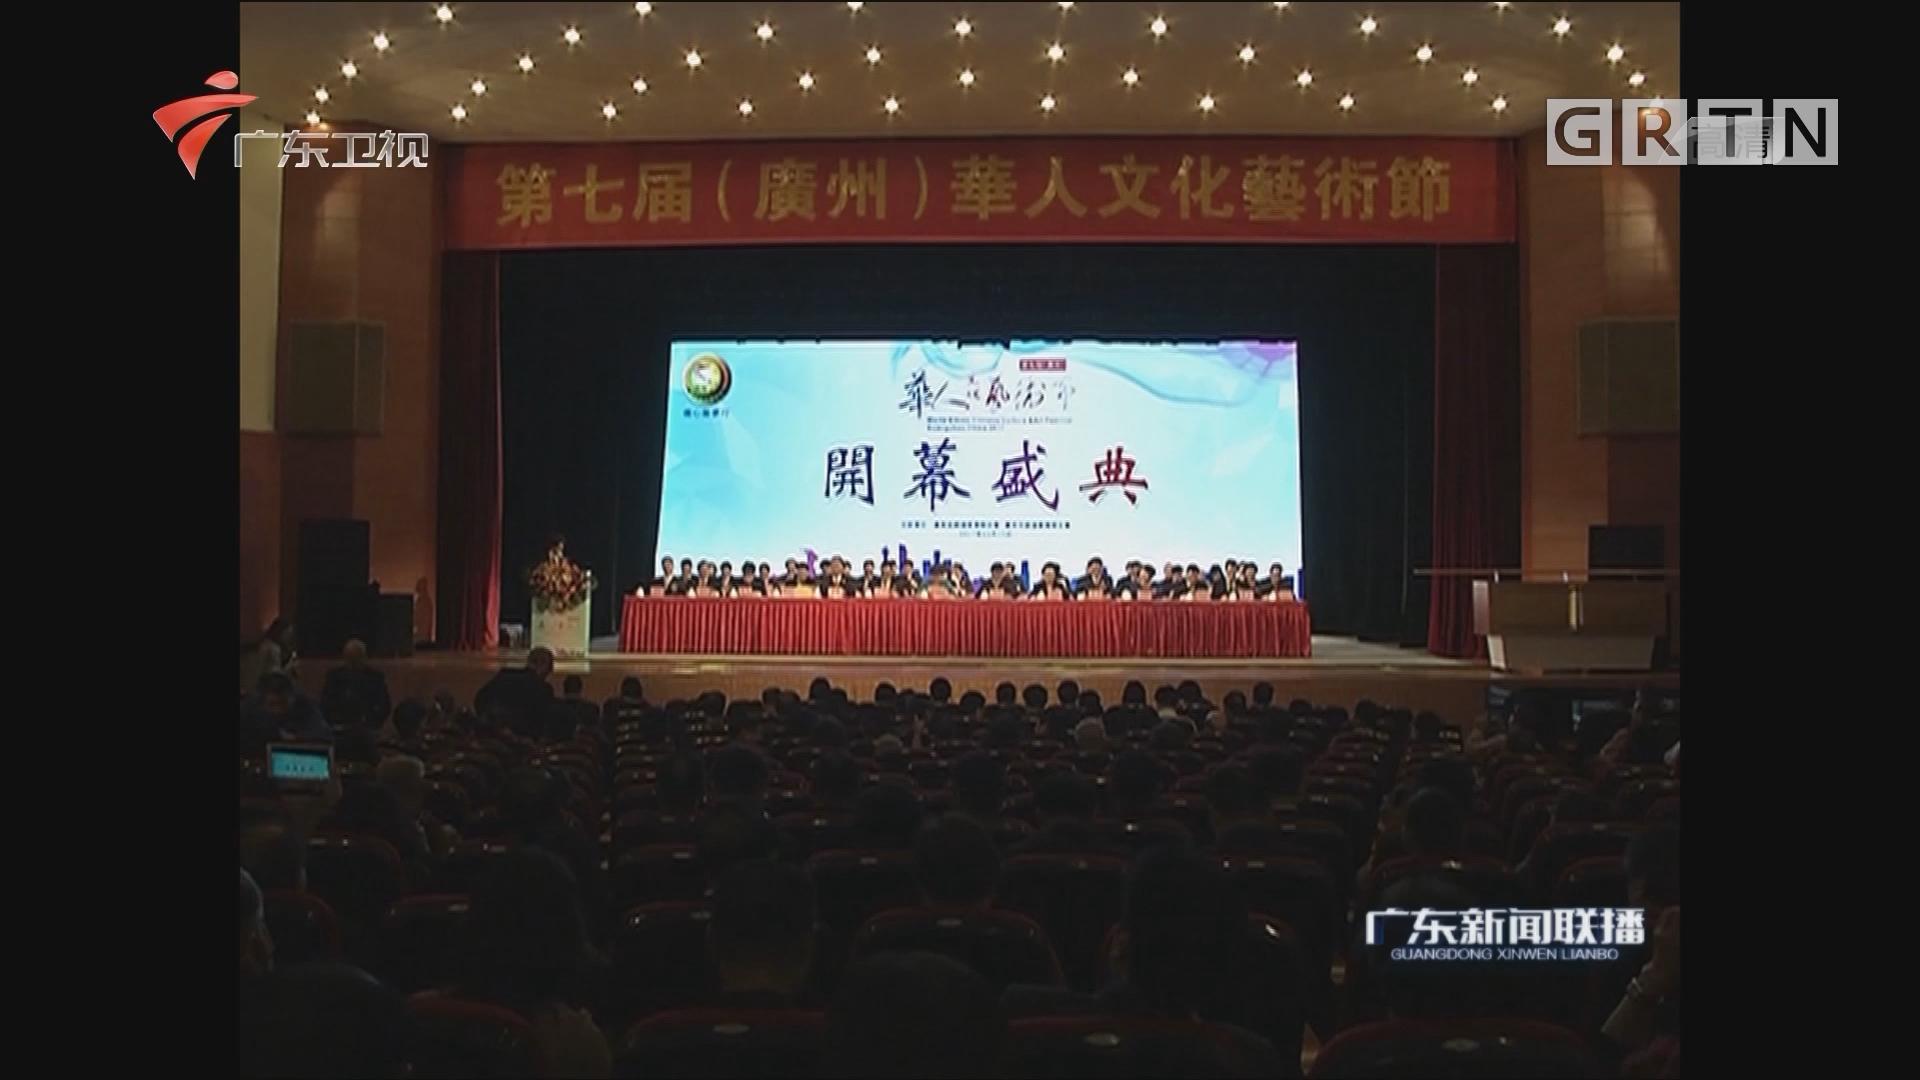 第七届(广州)华人文化艺术节在穗举行